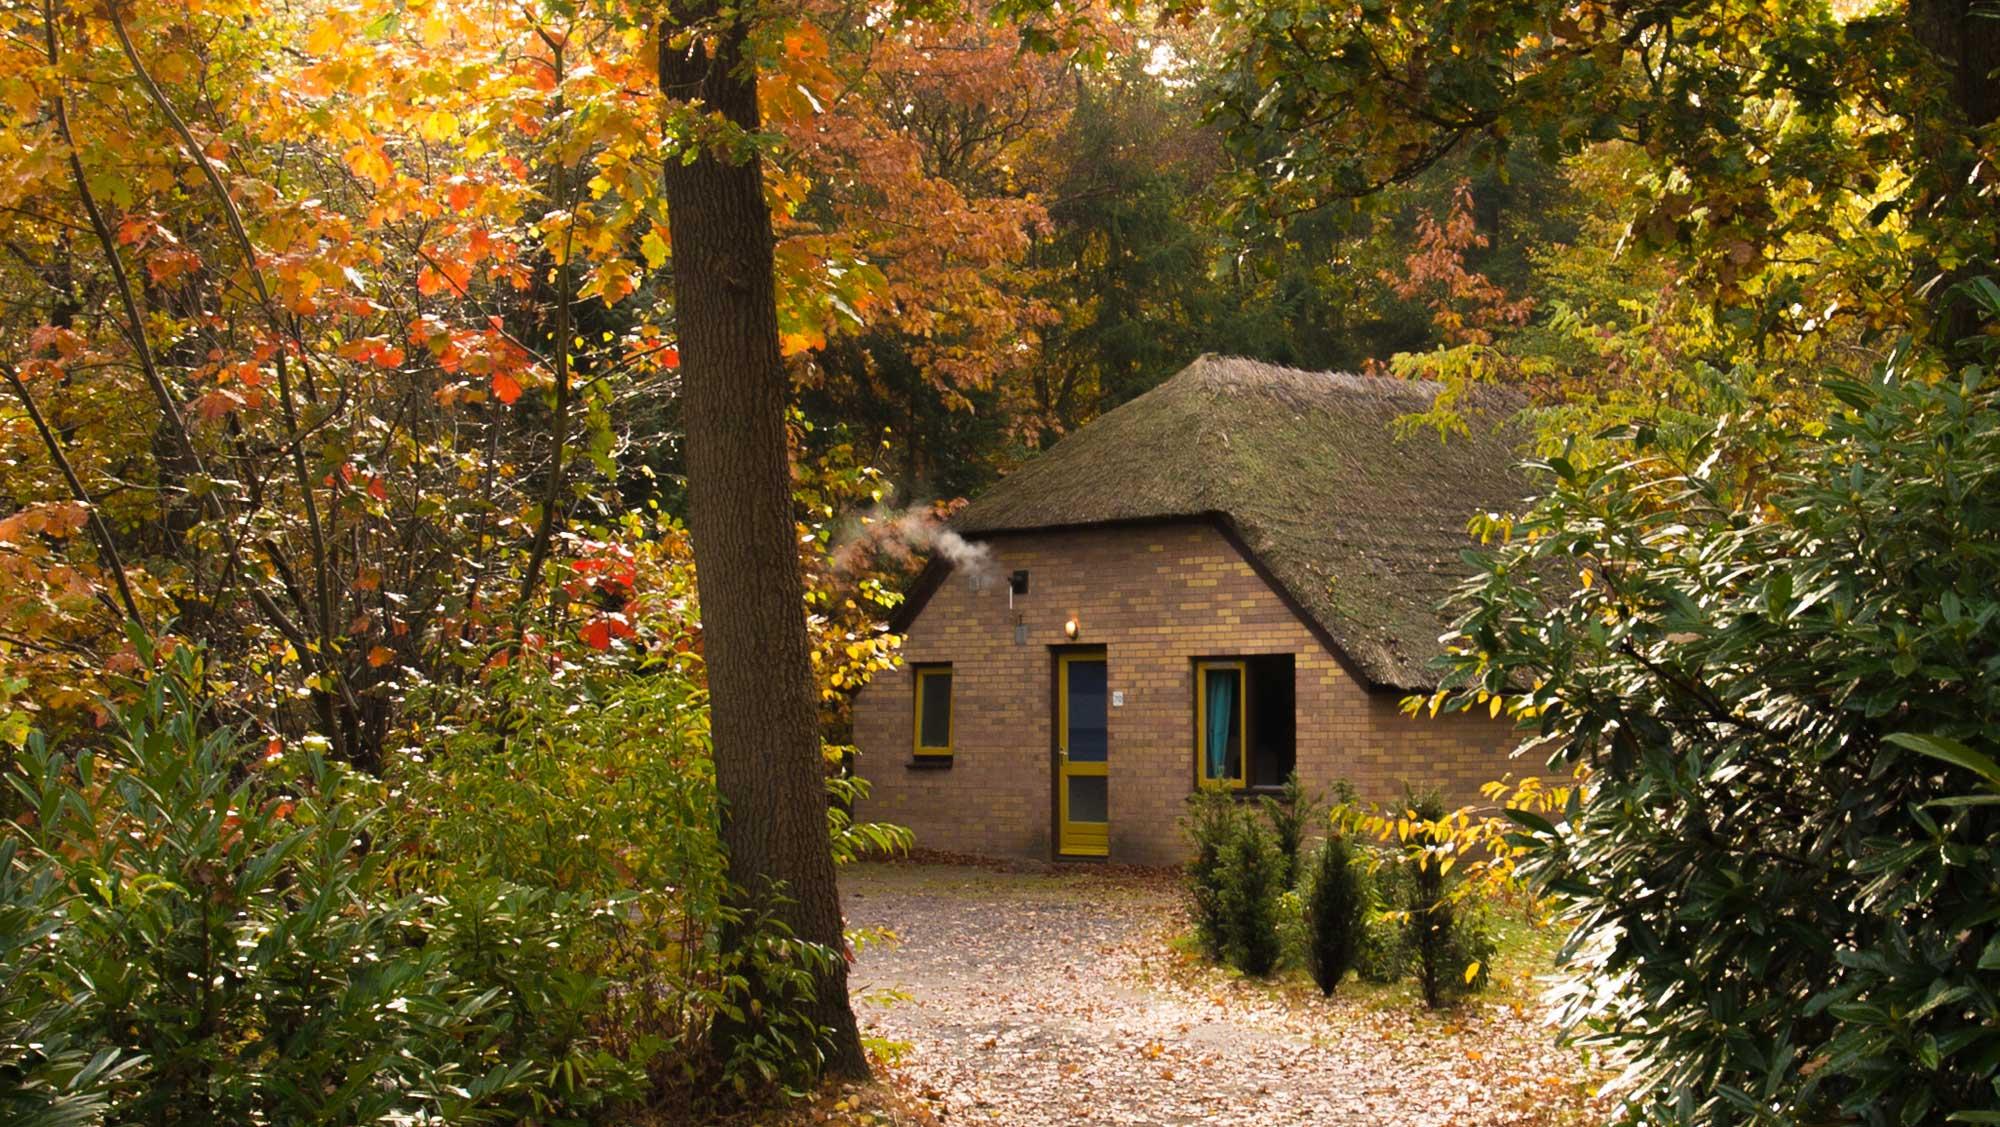 6pers bungalow Hattem Molecaten Park De Leemkule 07 najaar herfst